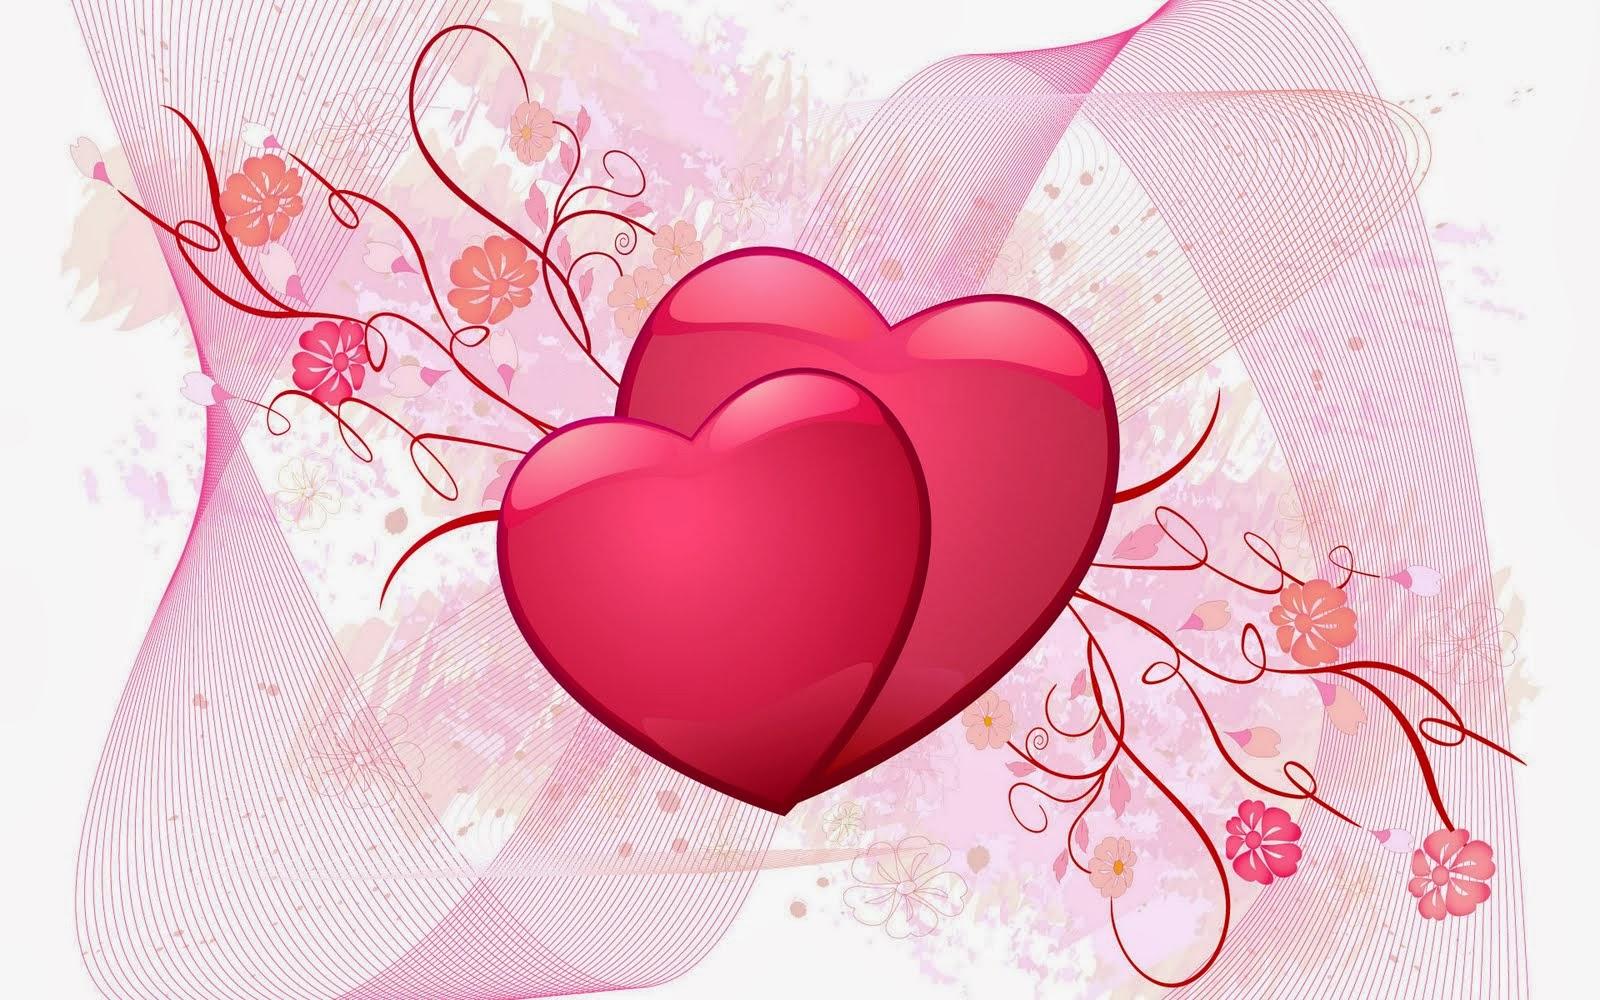 puisi cinta romantis, puisi cinta sedih, puisi cinta sejati, puisi cinta patah hati, puisi cinta bahasa inggris, puisi cinta lucu, puisi cinta untuk kekasih, puisi cinta islami, puisi cinta bertepuk sebelah tangan, puisi cinta kahlil gibran